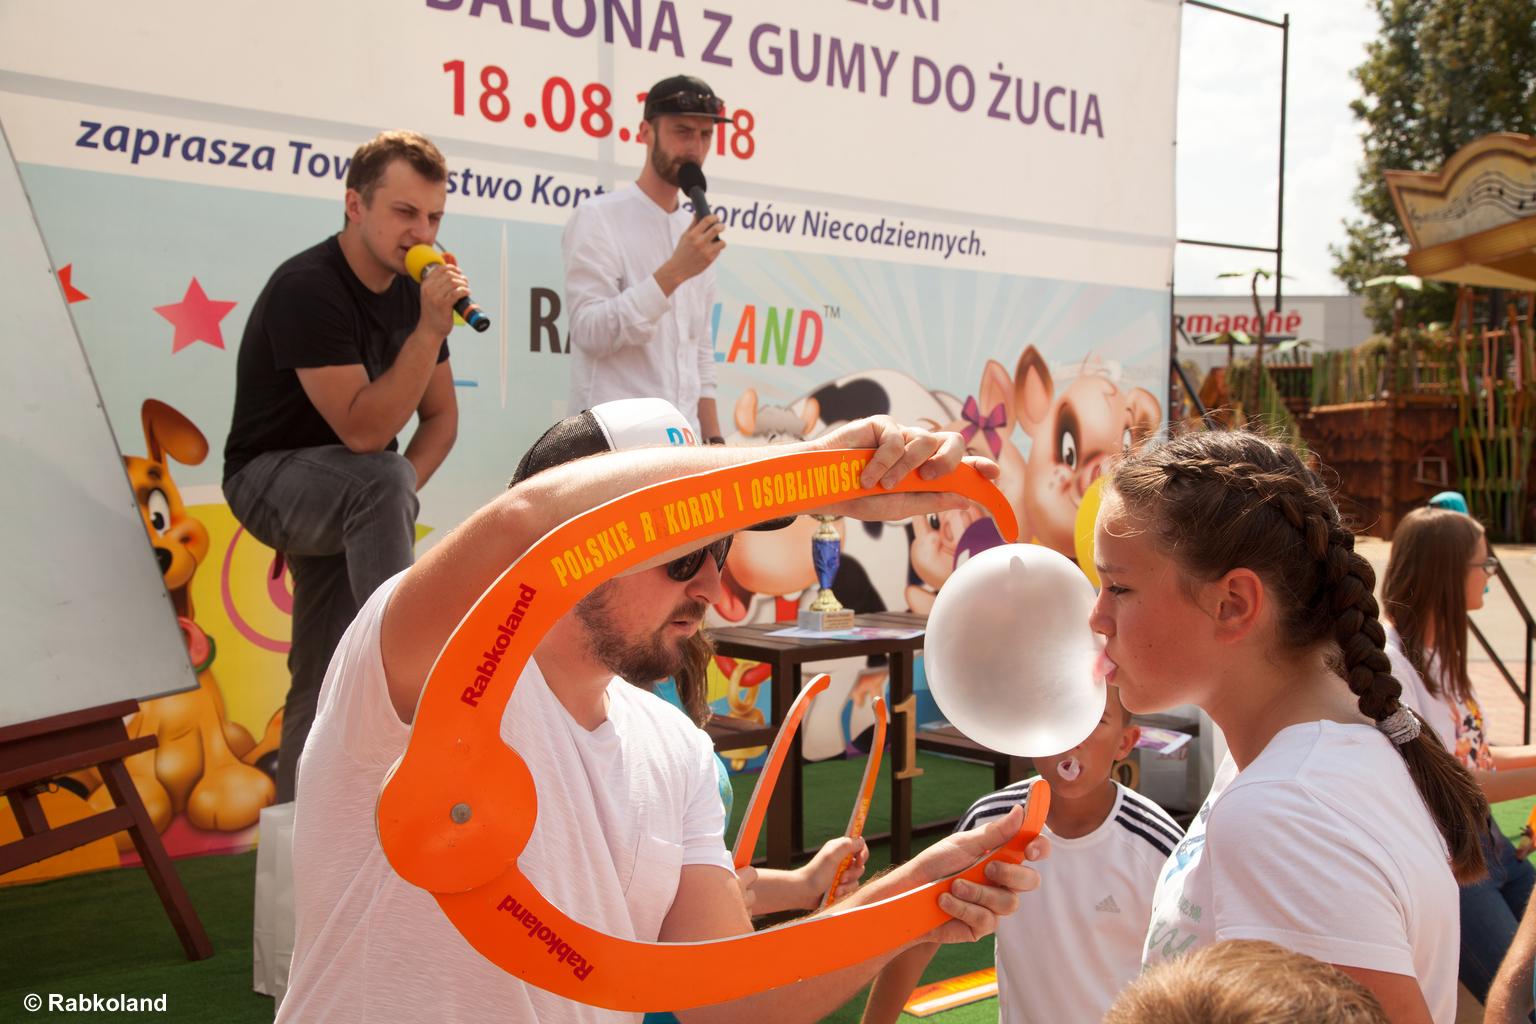 Mistrzostwa Polski w Dmuchaniu Balona z Gumy do Żucia